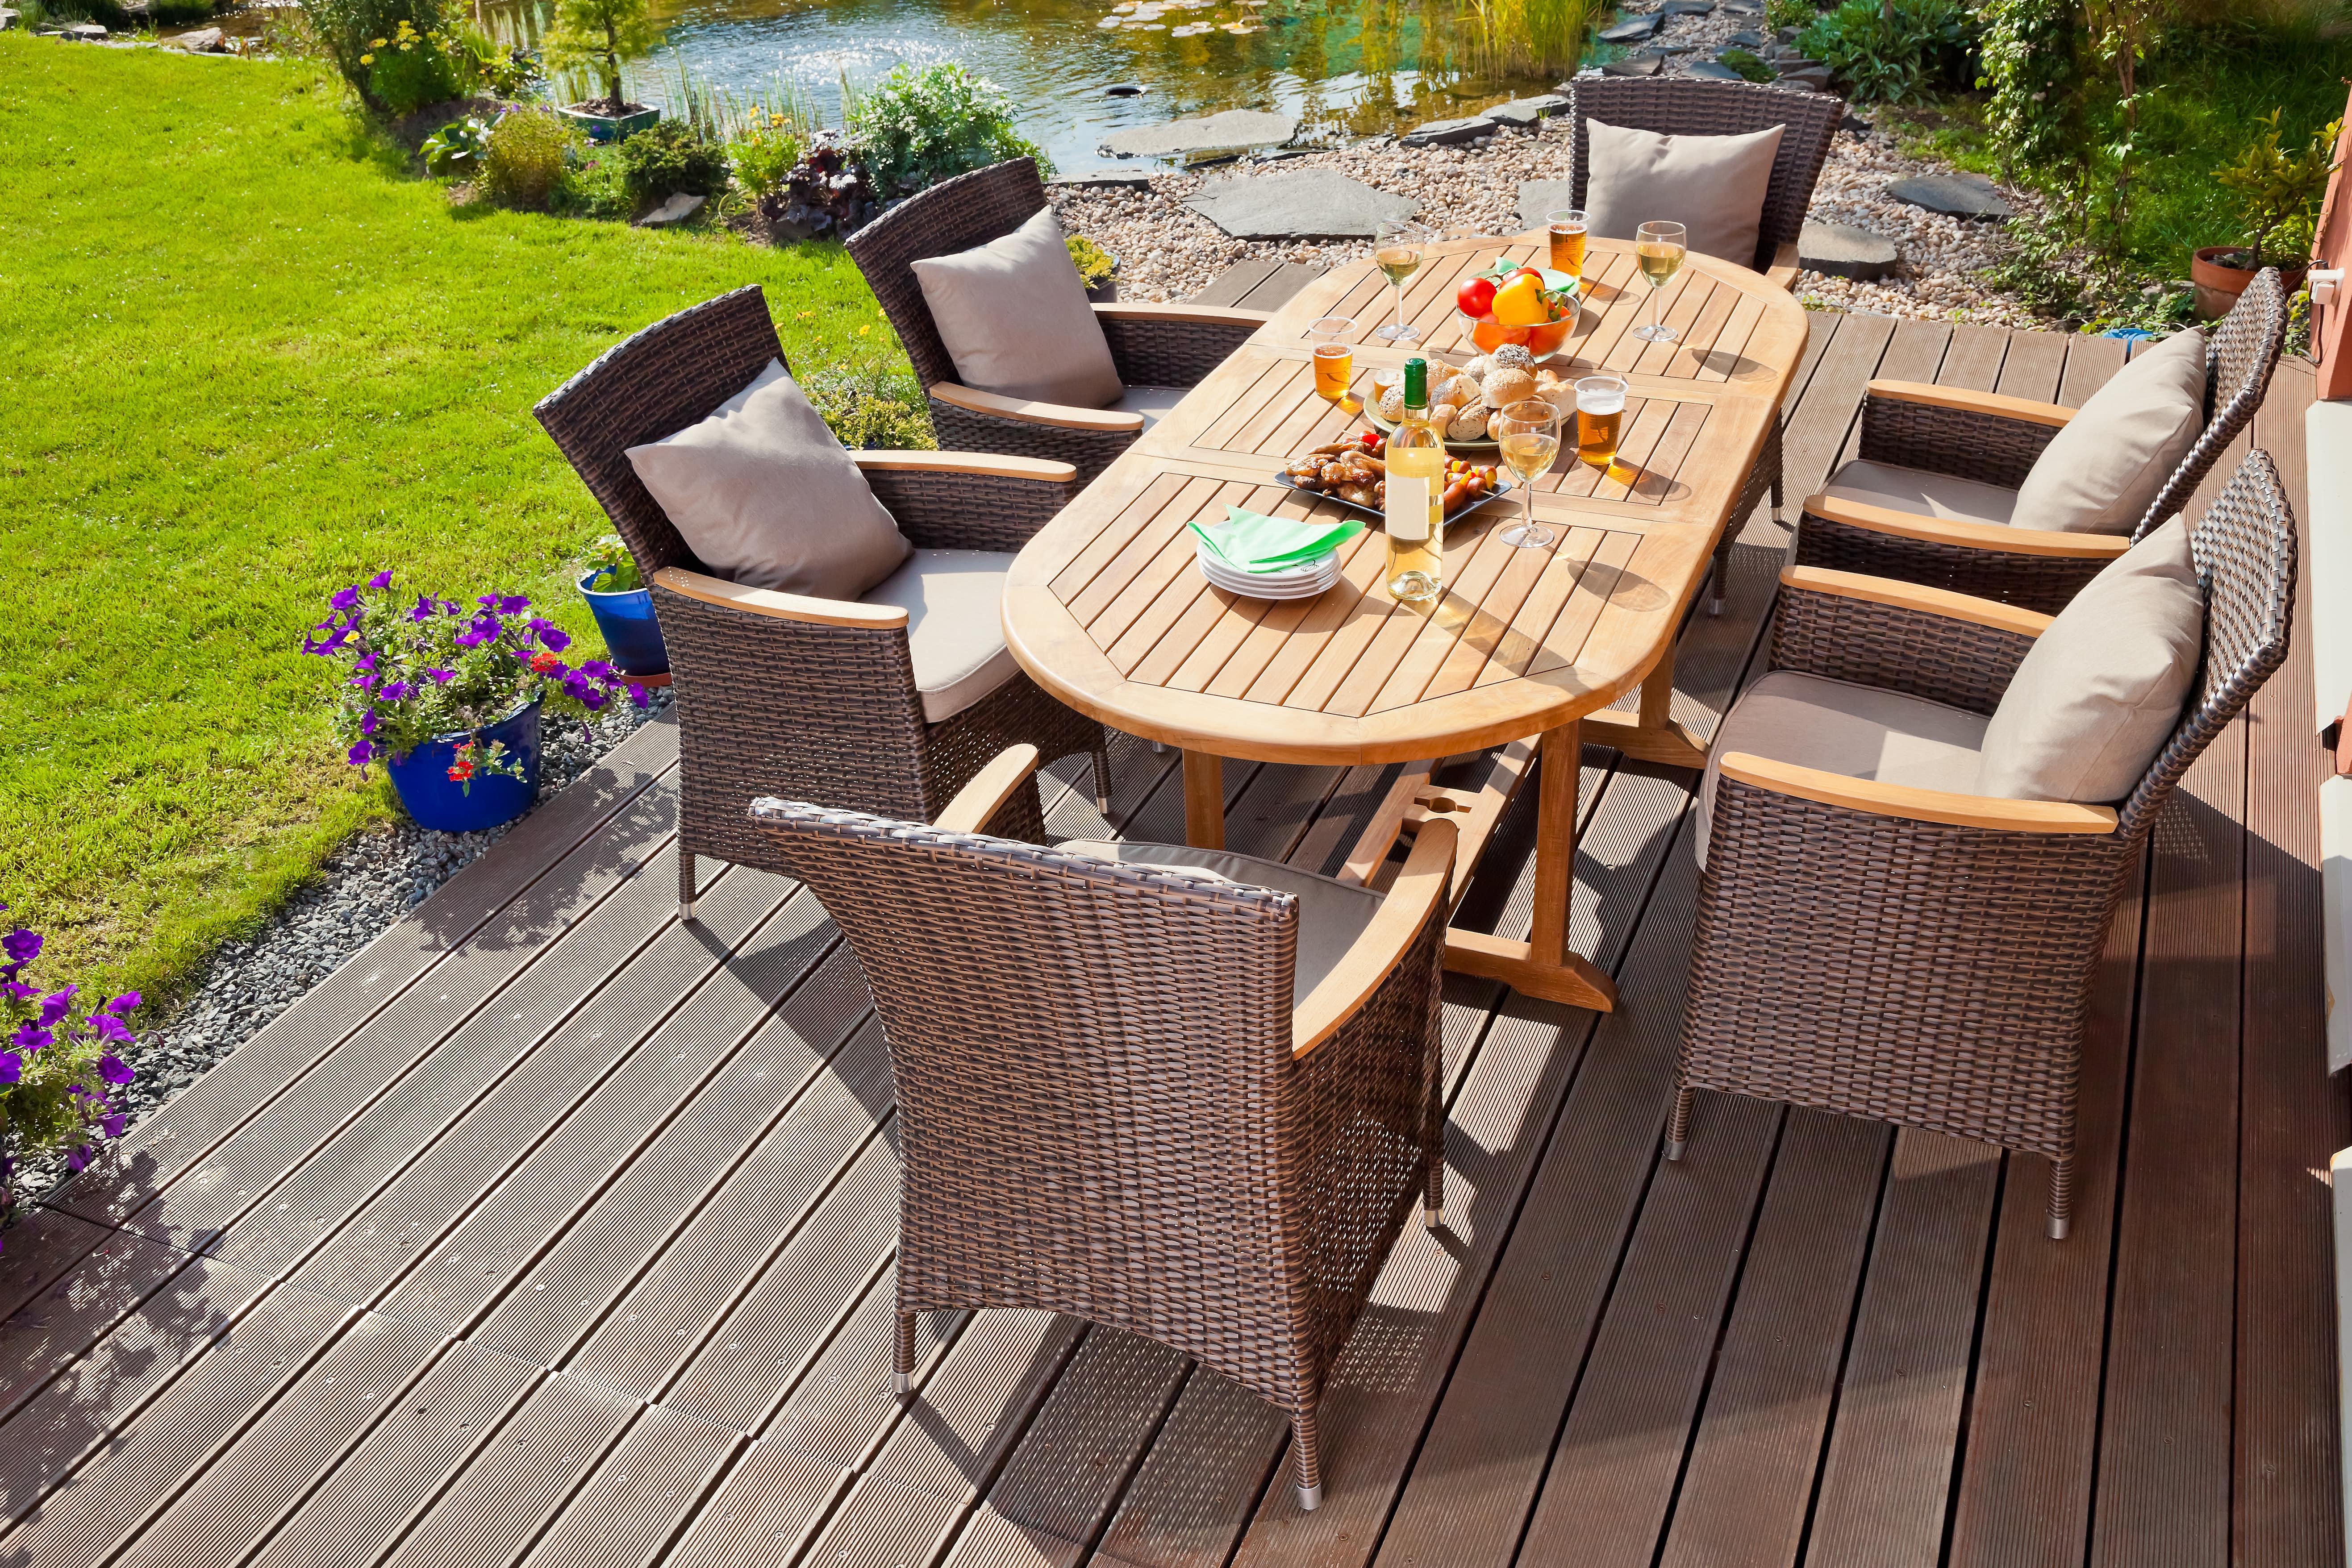 Terrassenmöbel - Qualität & Vorlieben stehen im Fokus